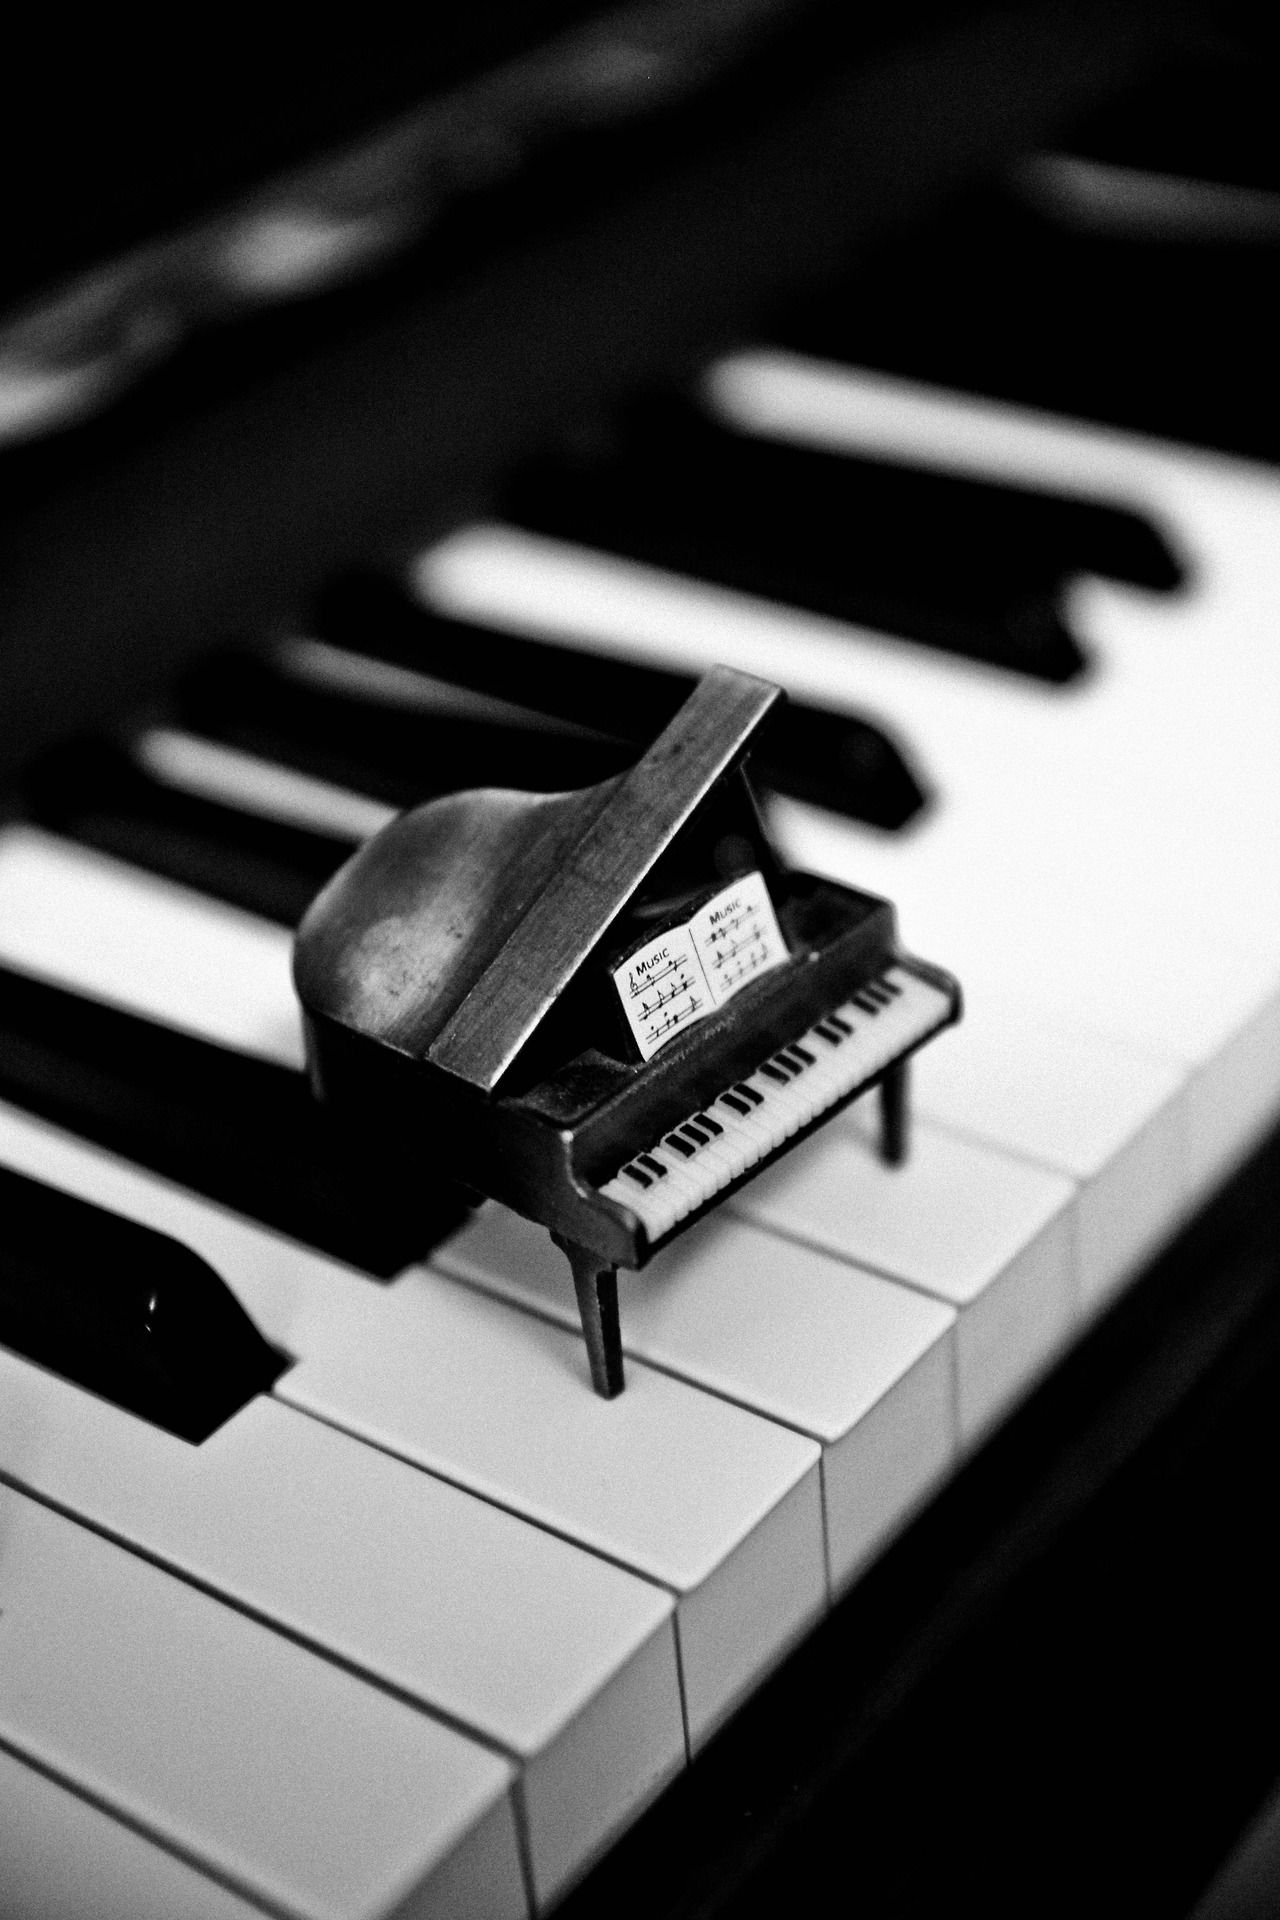 сейчас красивые картинки про пианино производители комплектуют арбалеты